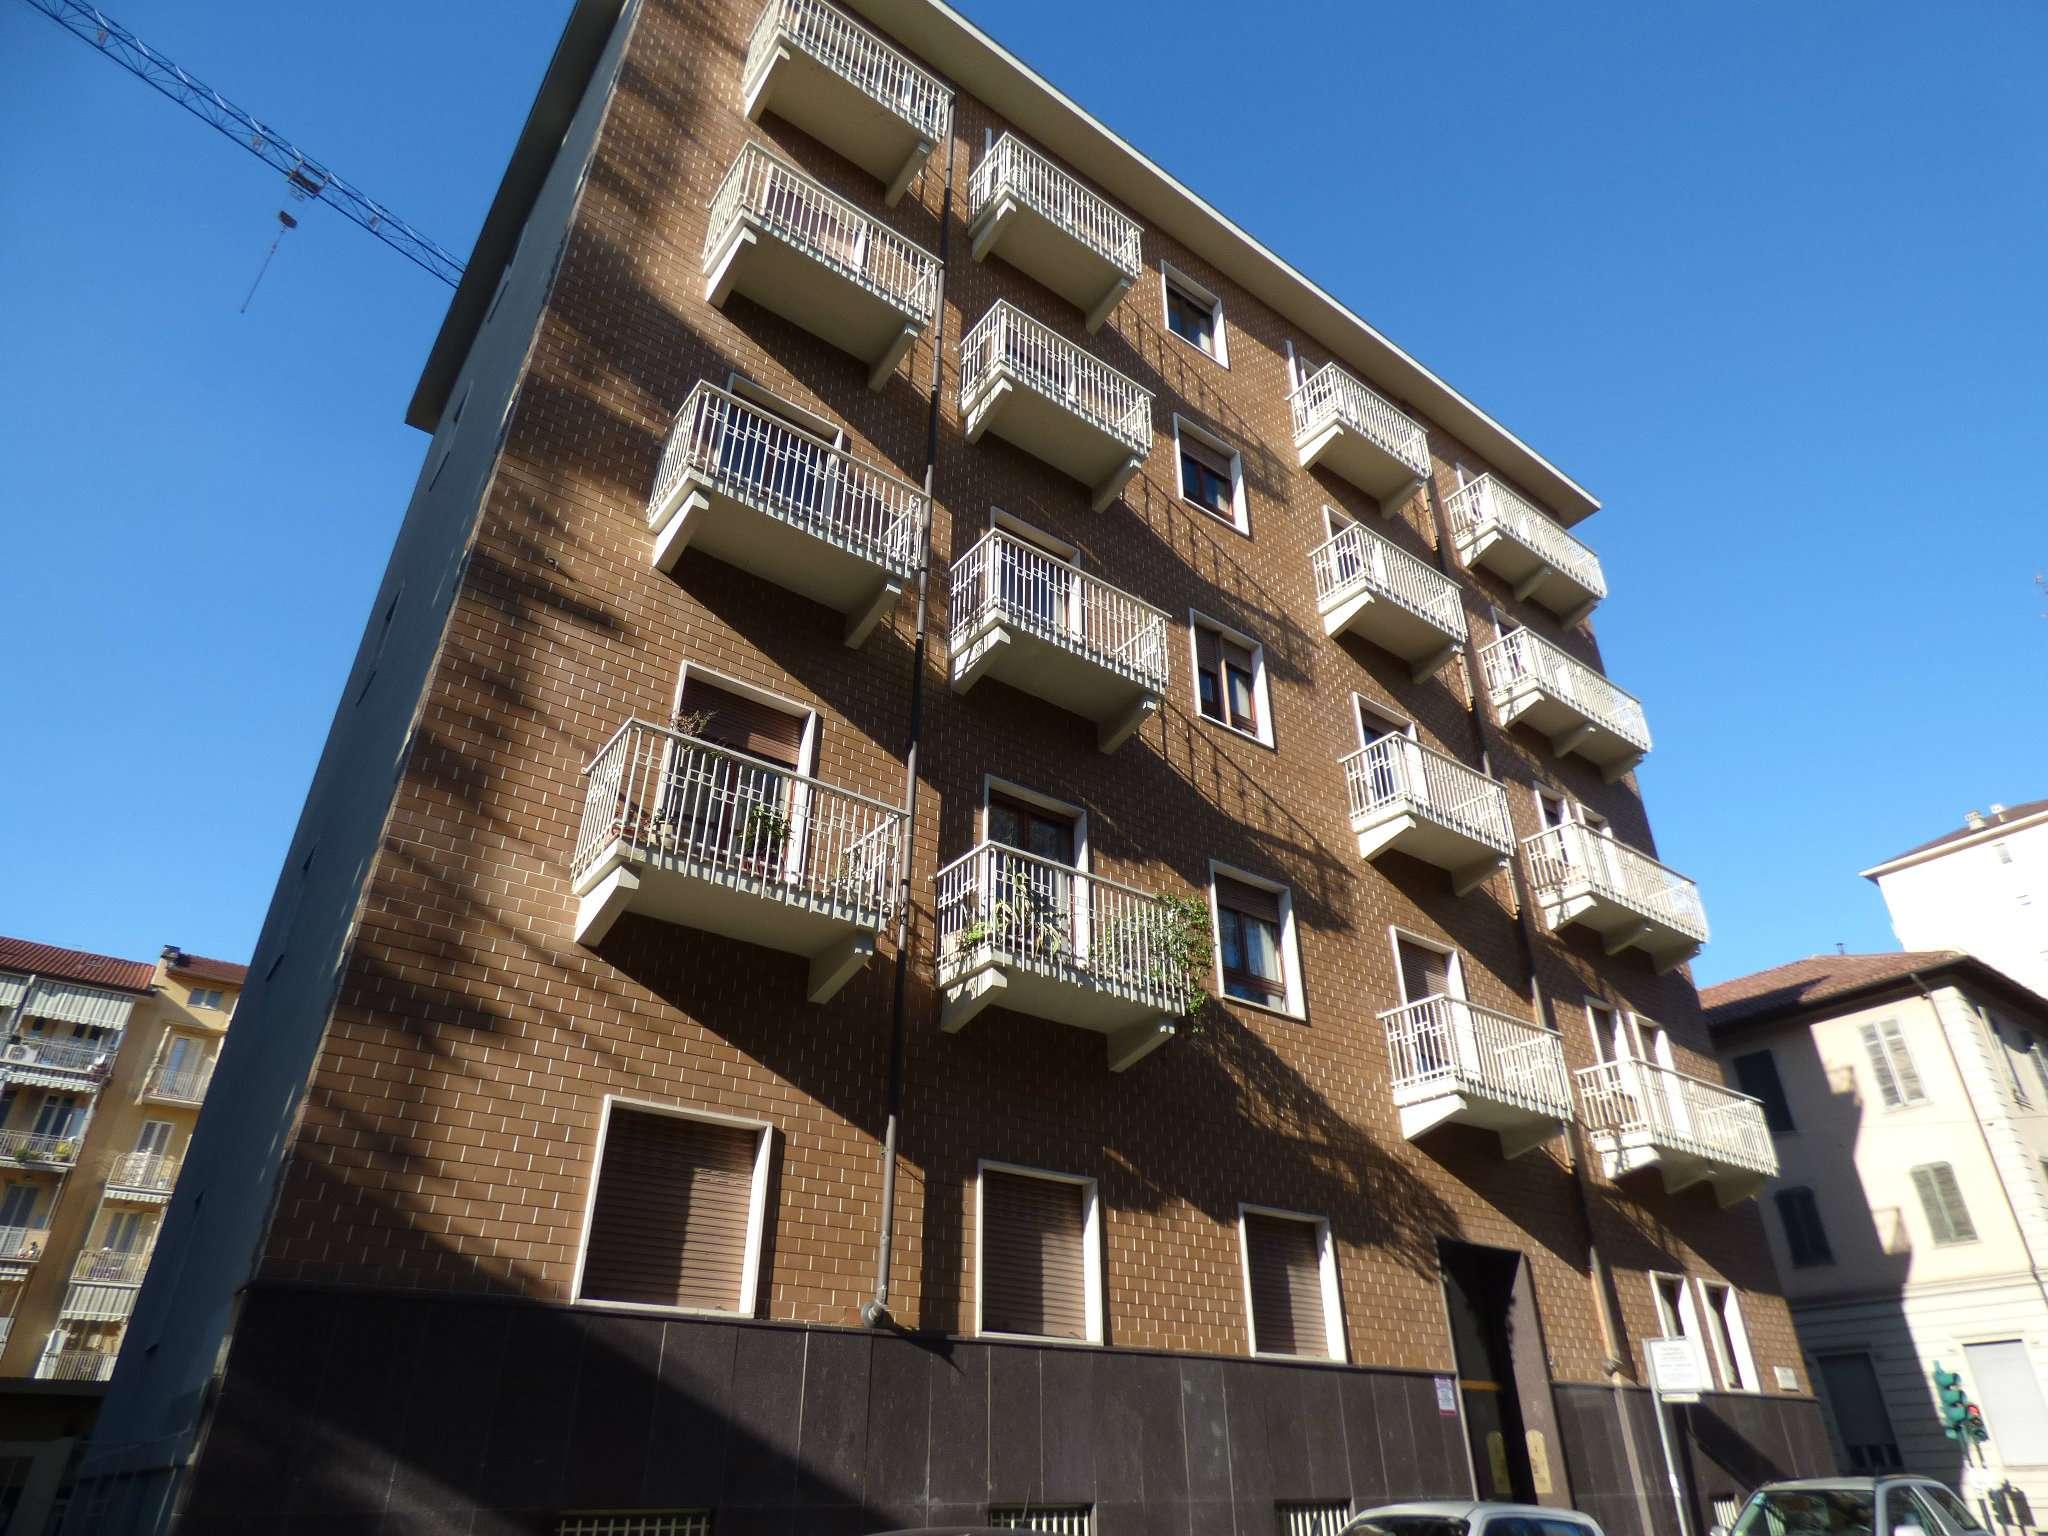 Ufficio in affitto Zona Crocetta, San Secondo - corso Duca degli Abruzzi 54 Torino